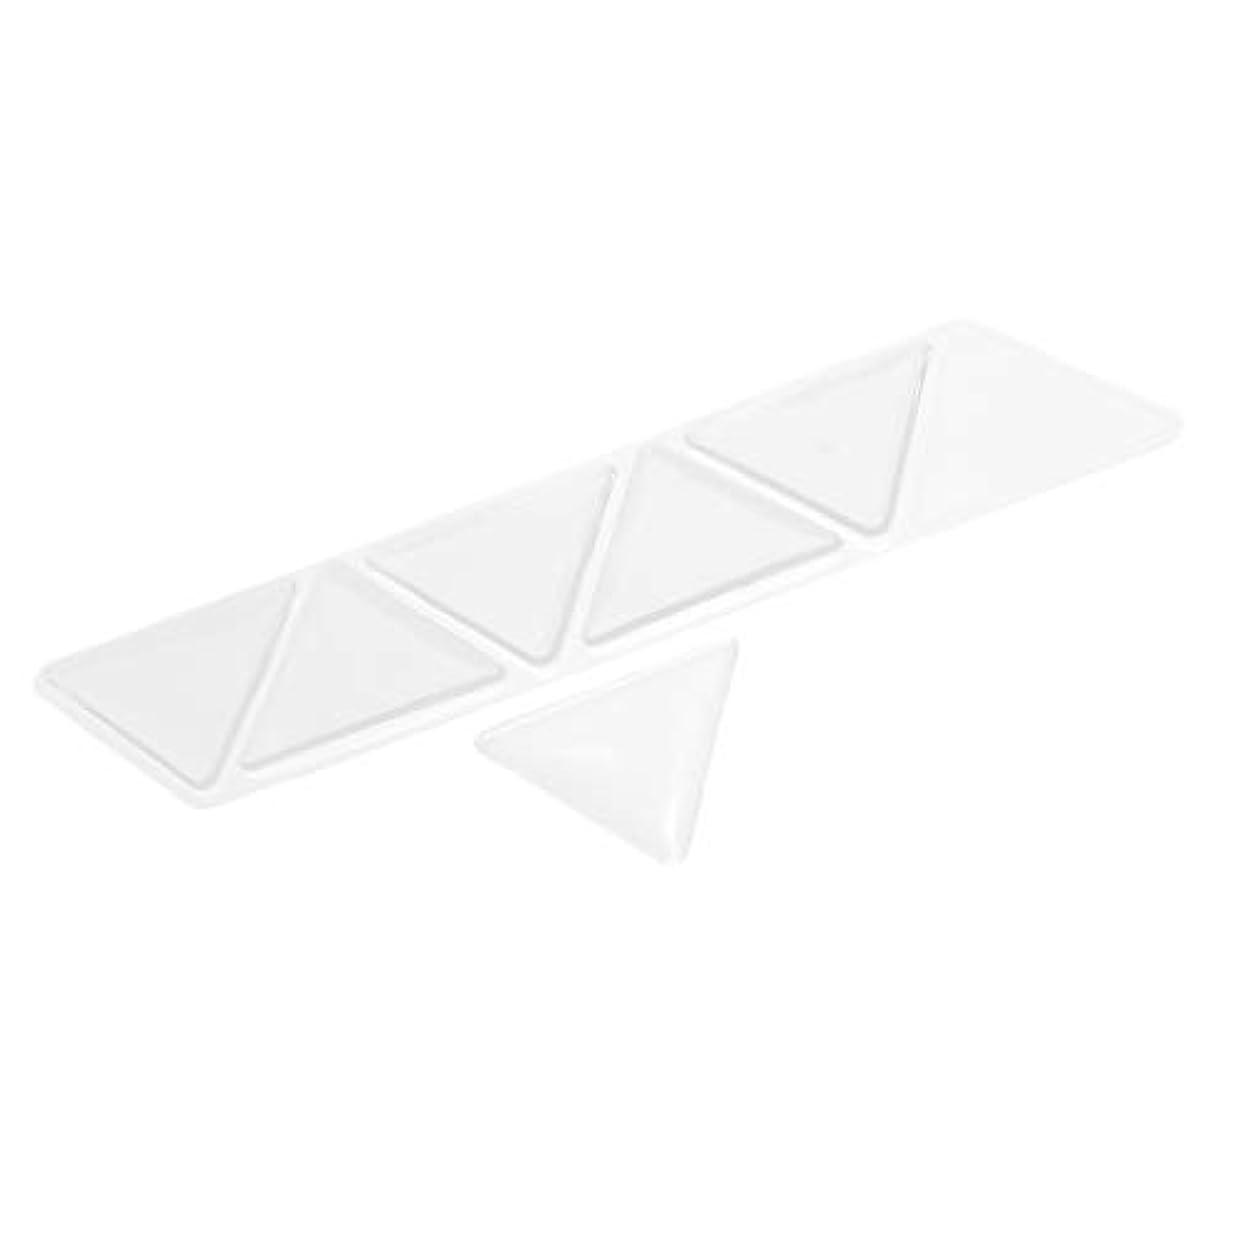 徹底的に失望させる間接的dailymall 額 パッド アンチリンクル シリコーン パッチスキンケア 三角パッド 4.5×4cm 6個入